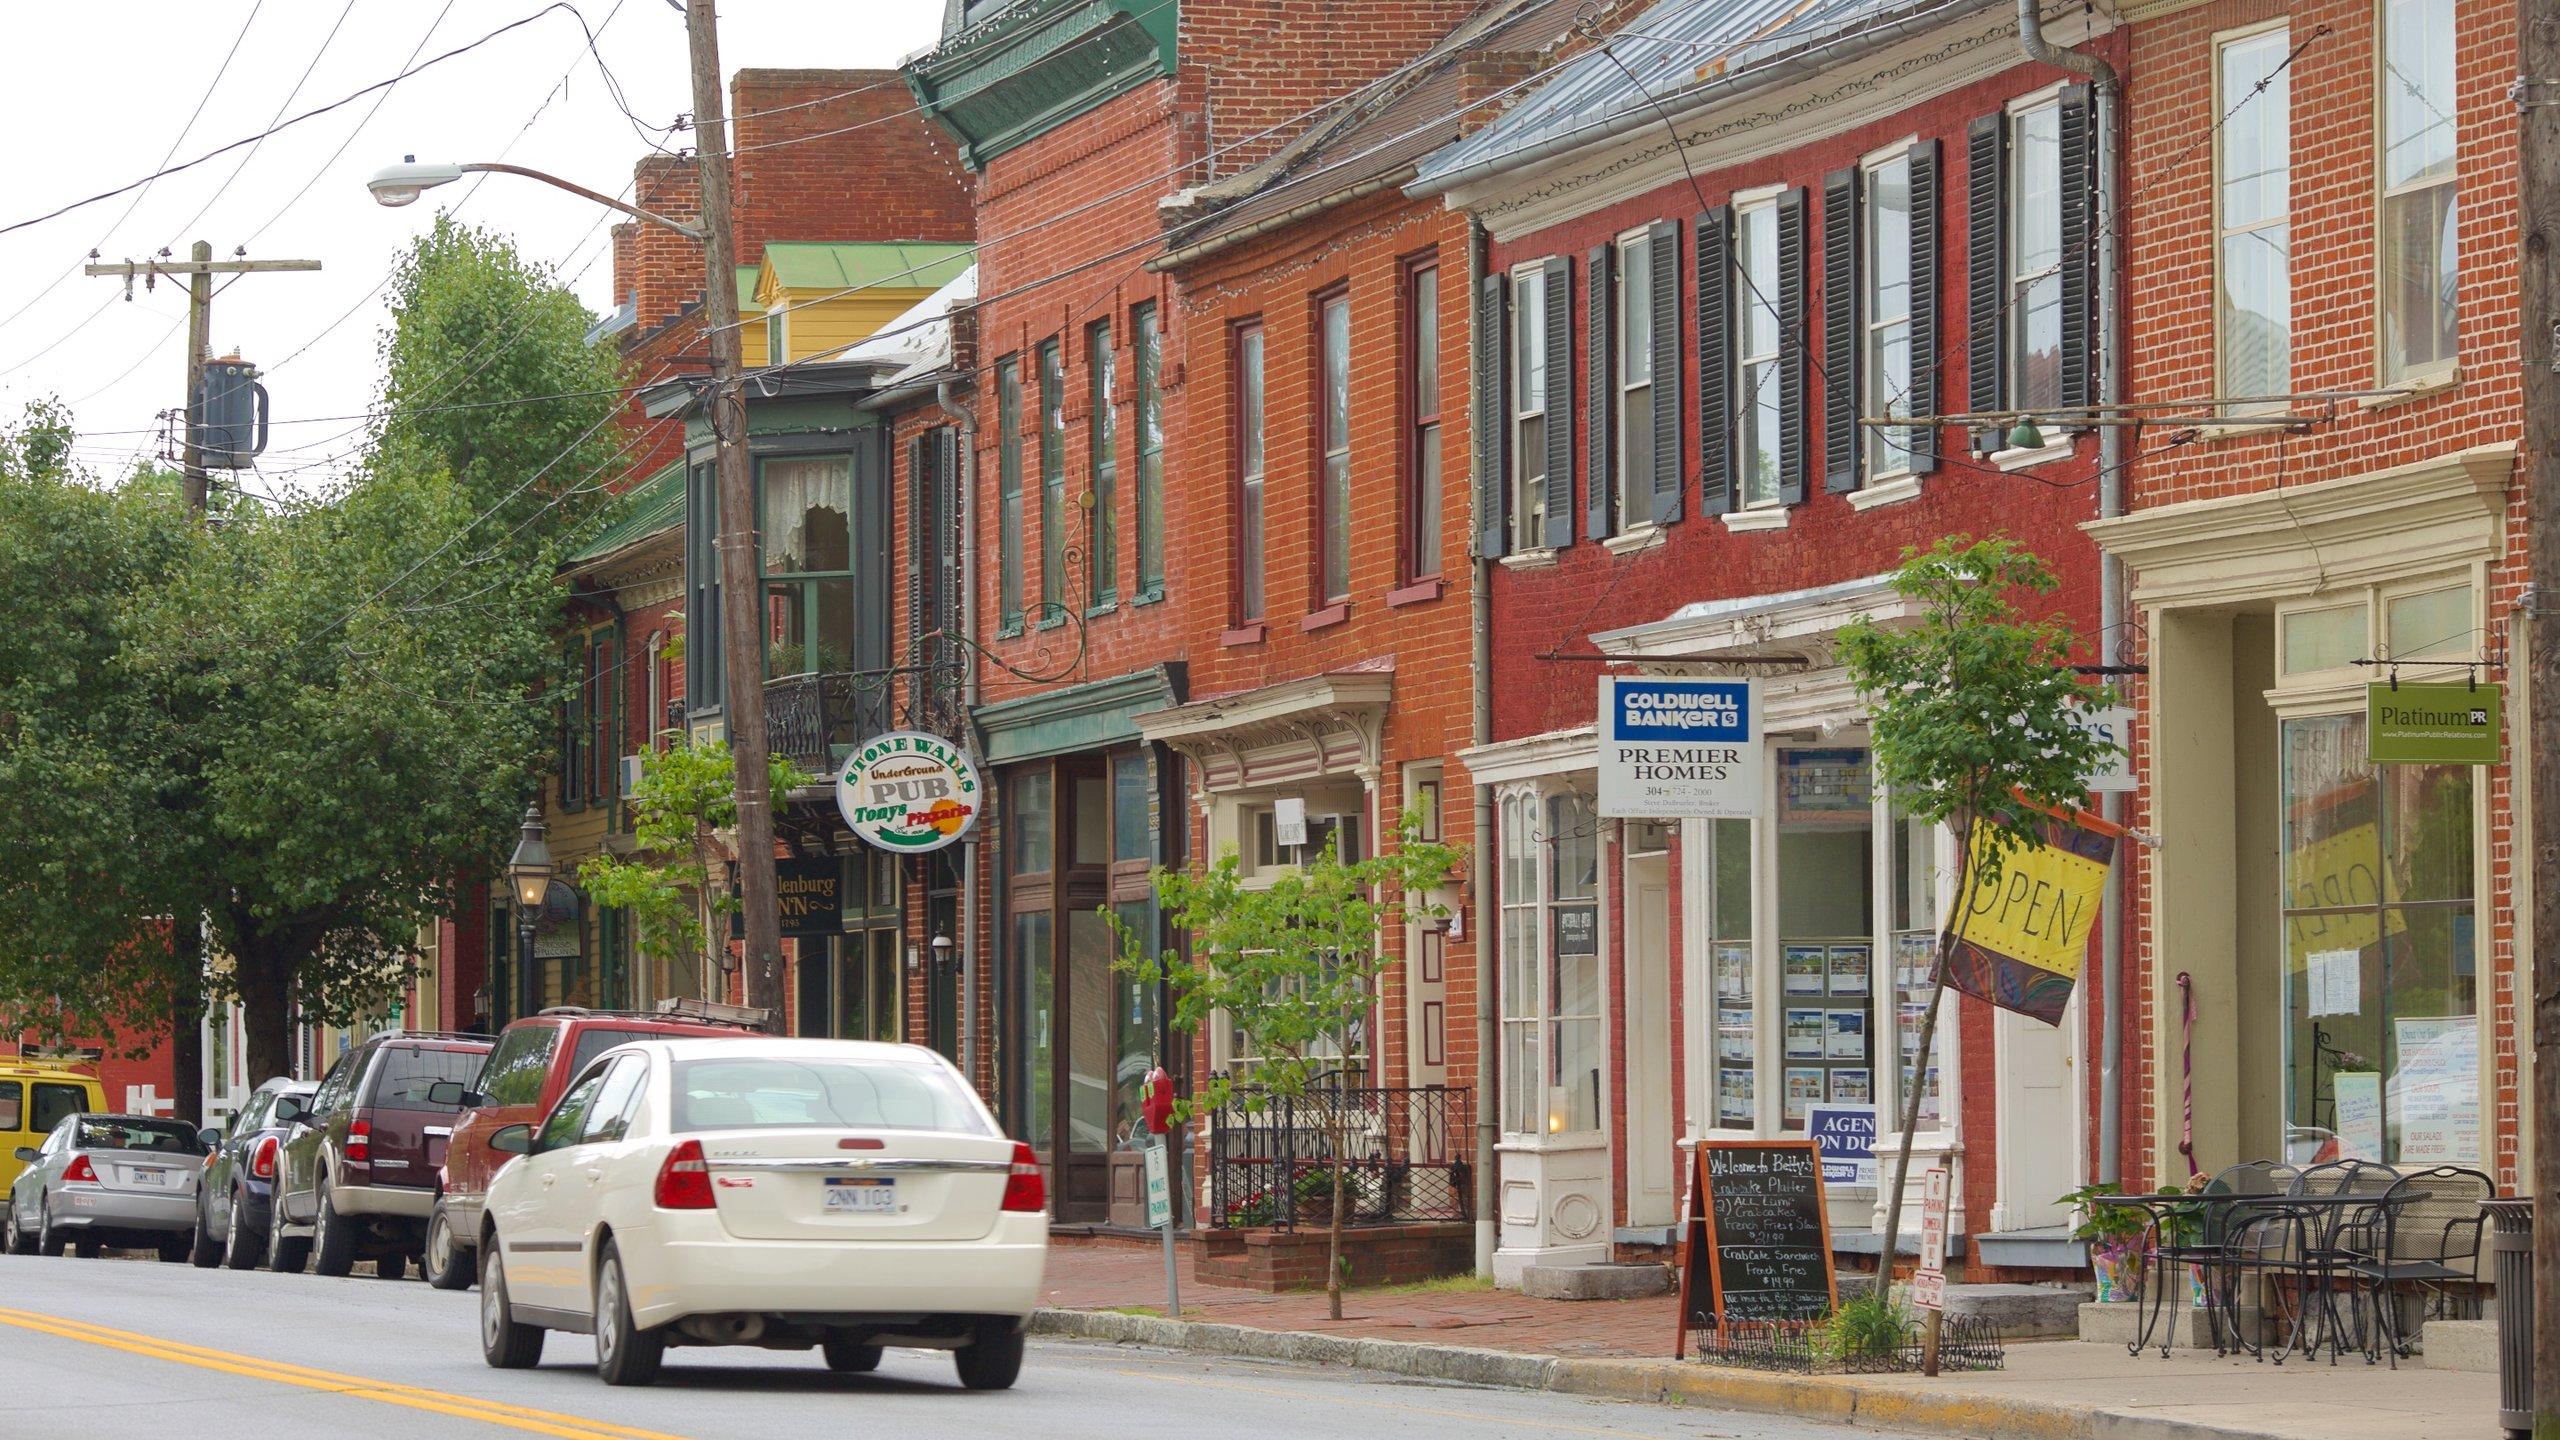 Shepherdstown, West Virginia, United States of America